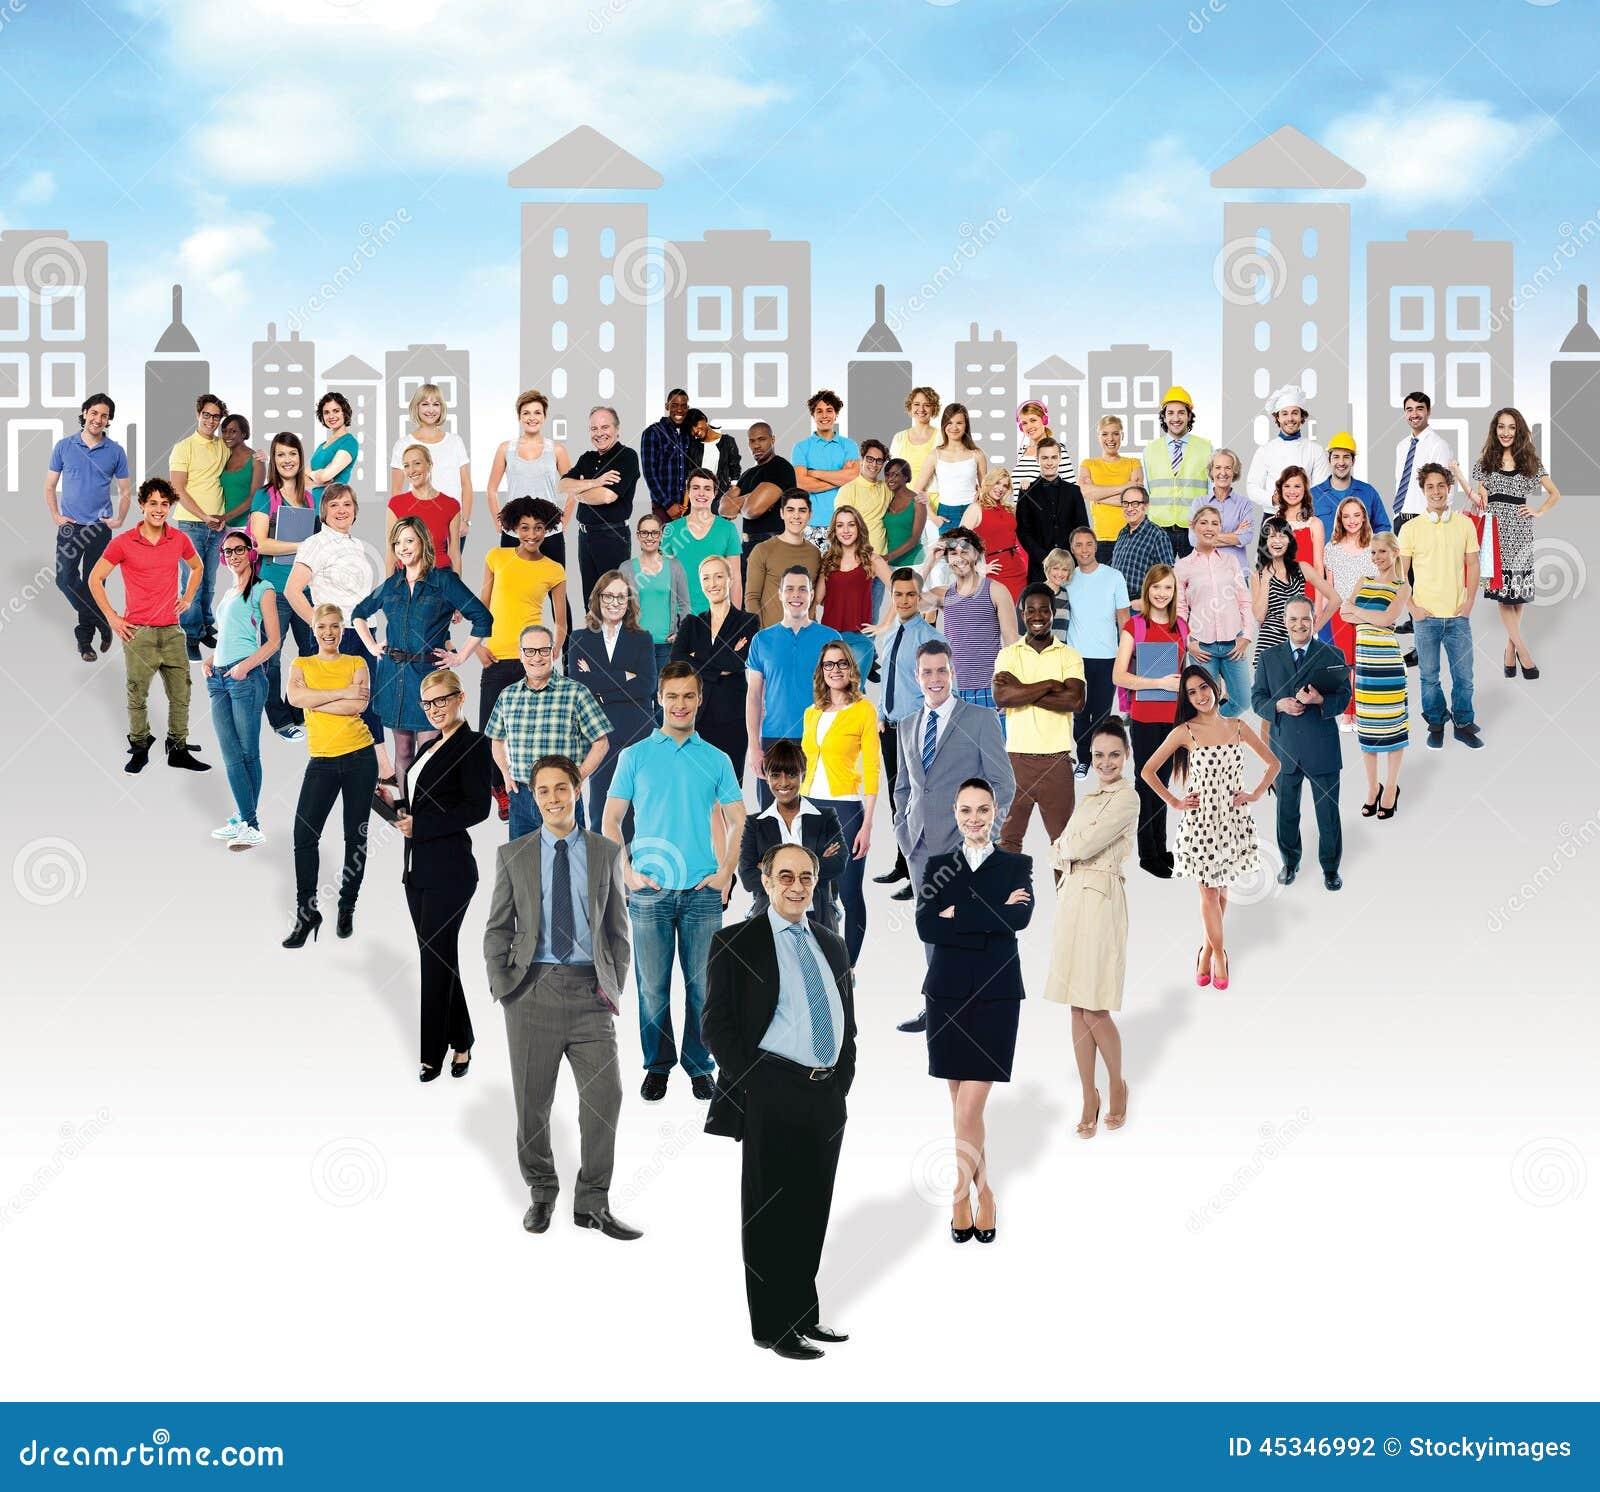 Etniczni ludzie w masowych liczbach